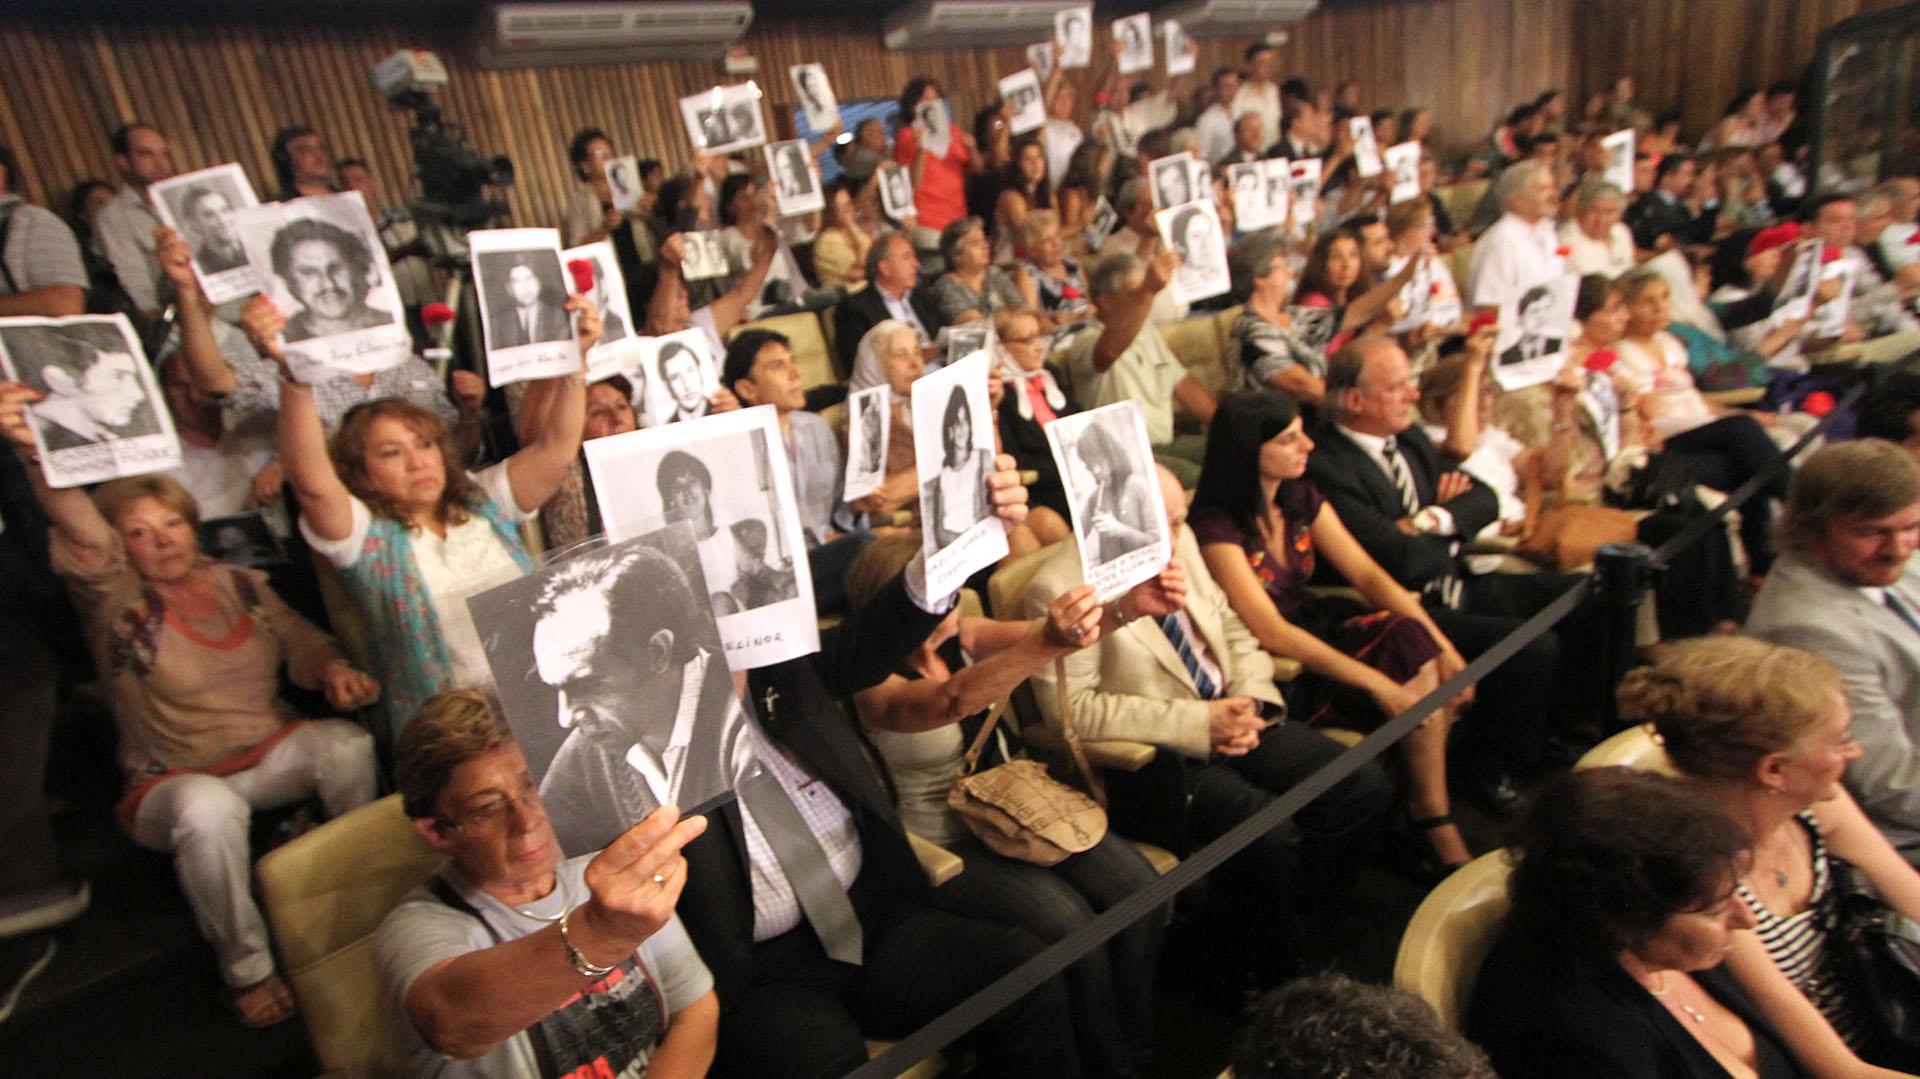 Familiares de las víctimas en el Tribunal Oral Federal 1 de Córdoba (TOF1) durante el juicio oral y público de la megacausa de La Perla (Foto: NA)